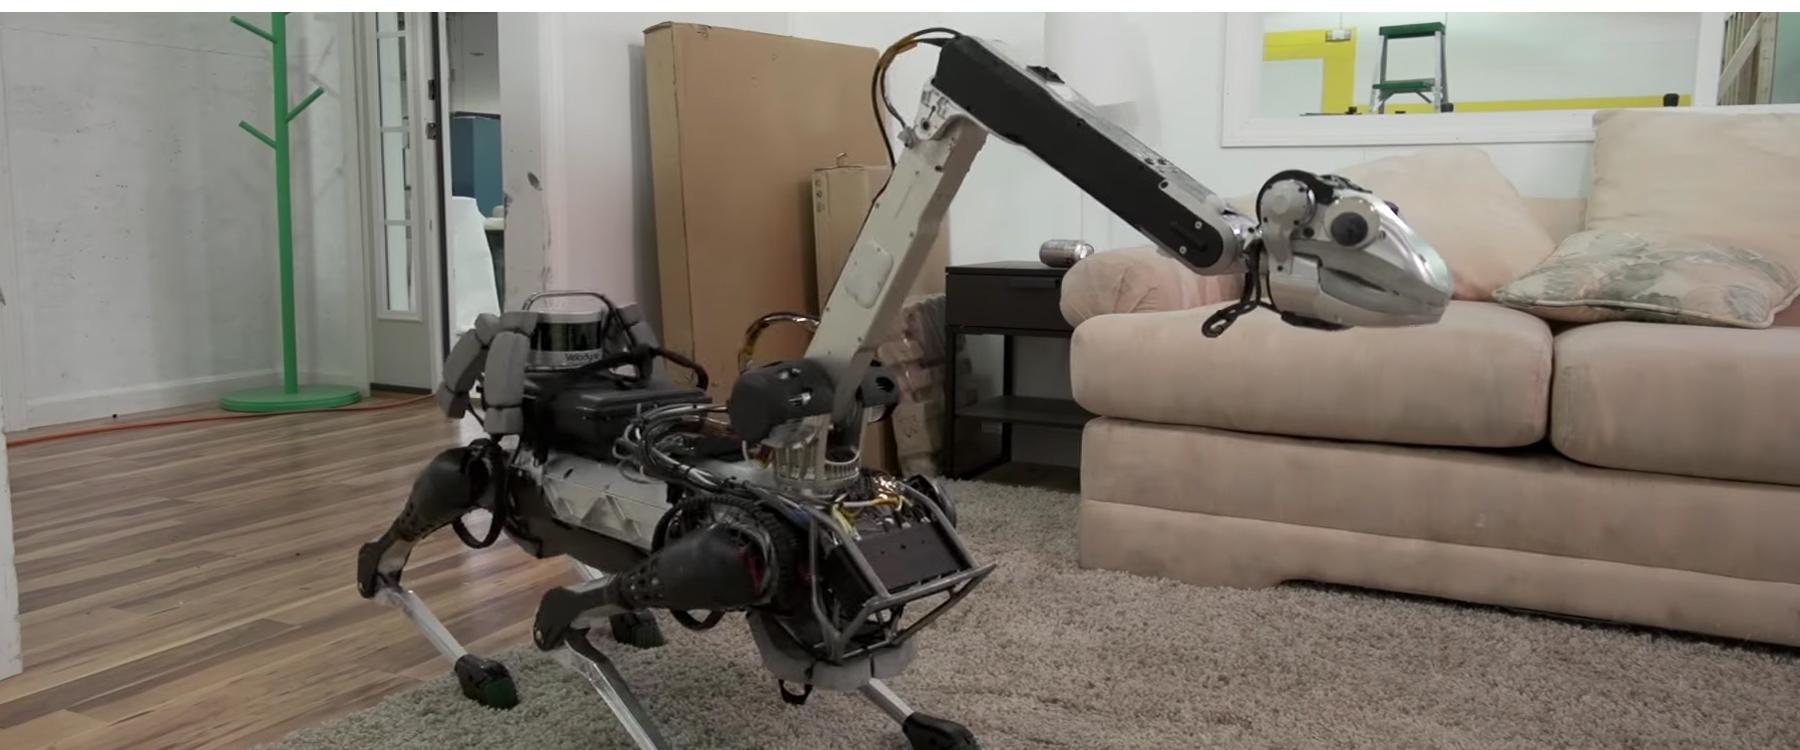 Este robot hidráulico-eléctrico es capaz de manipular objetos para colaborar con las labores del hogar de manera autónoma